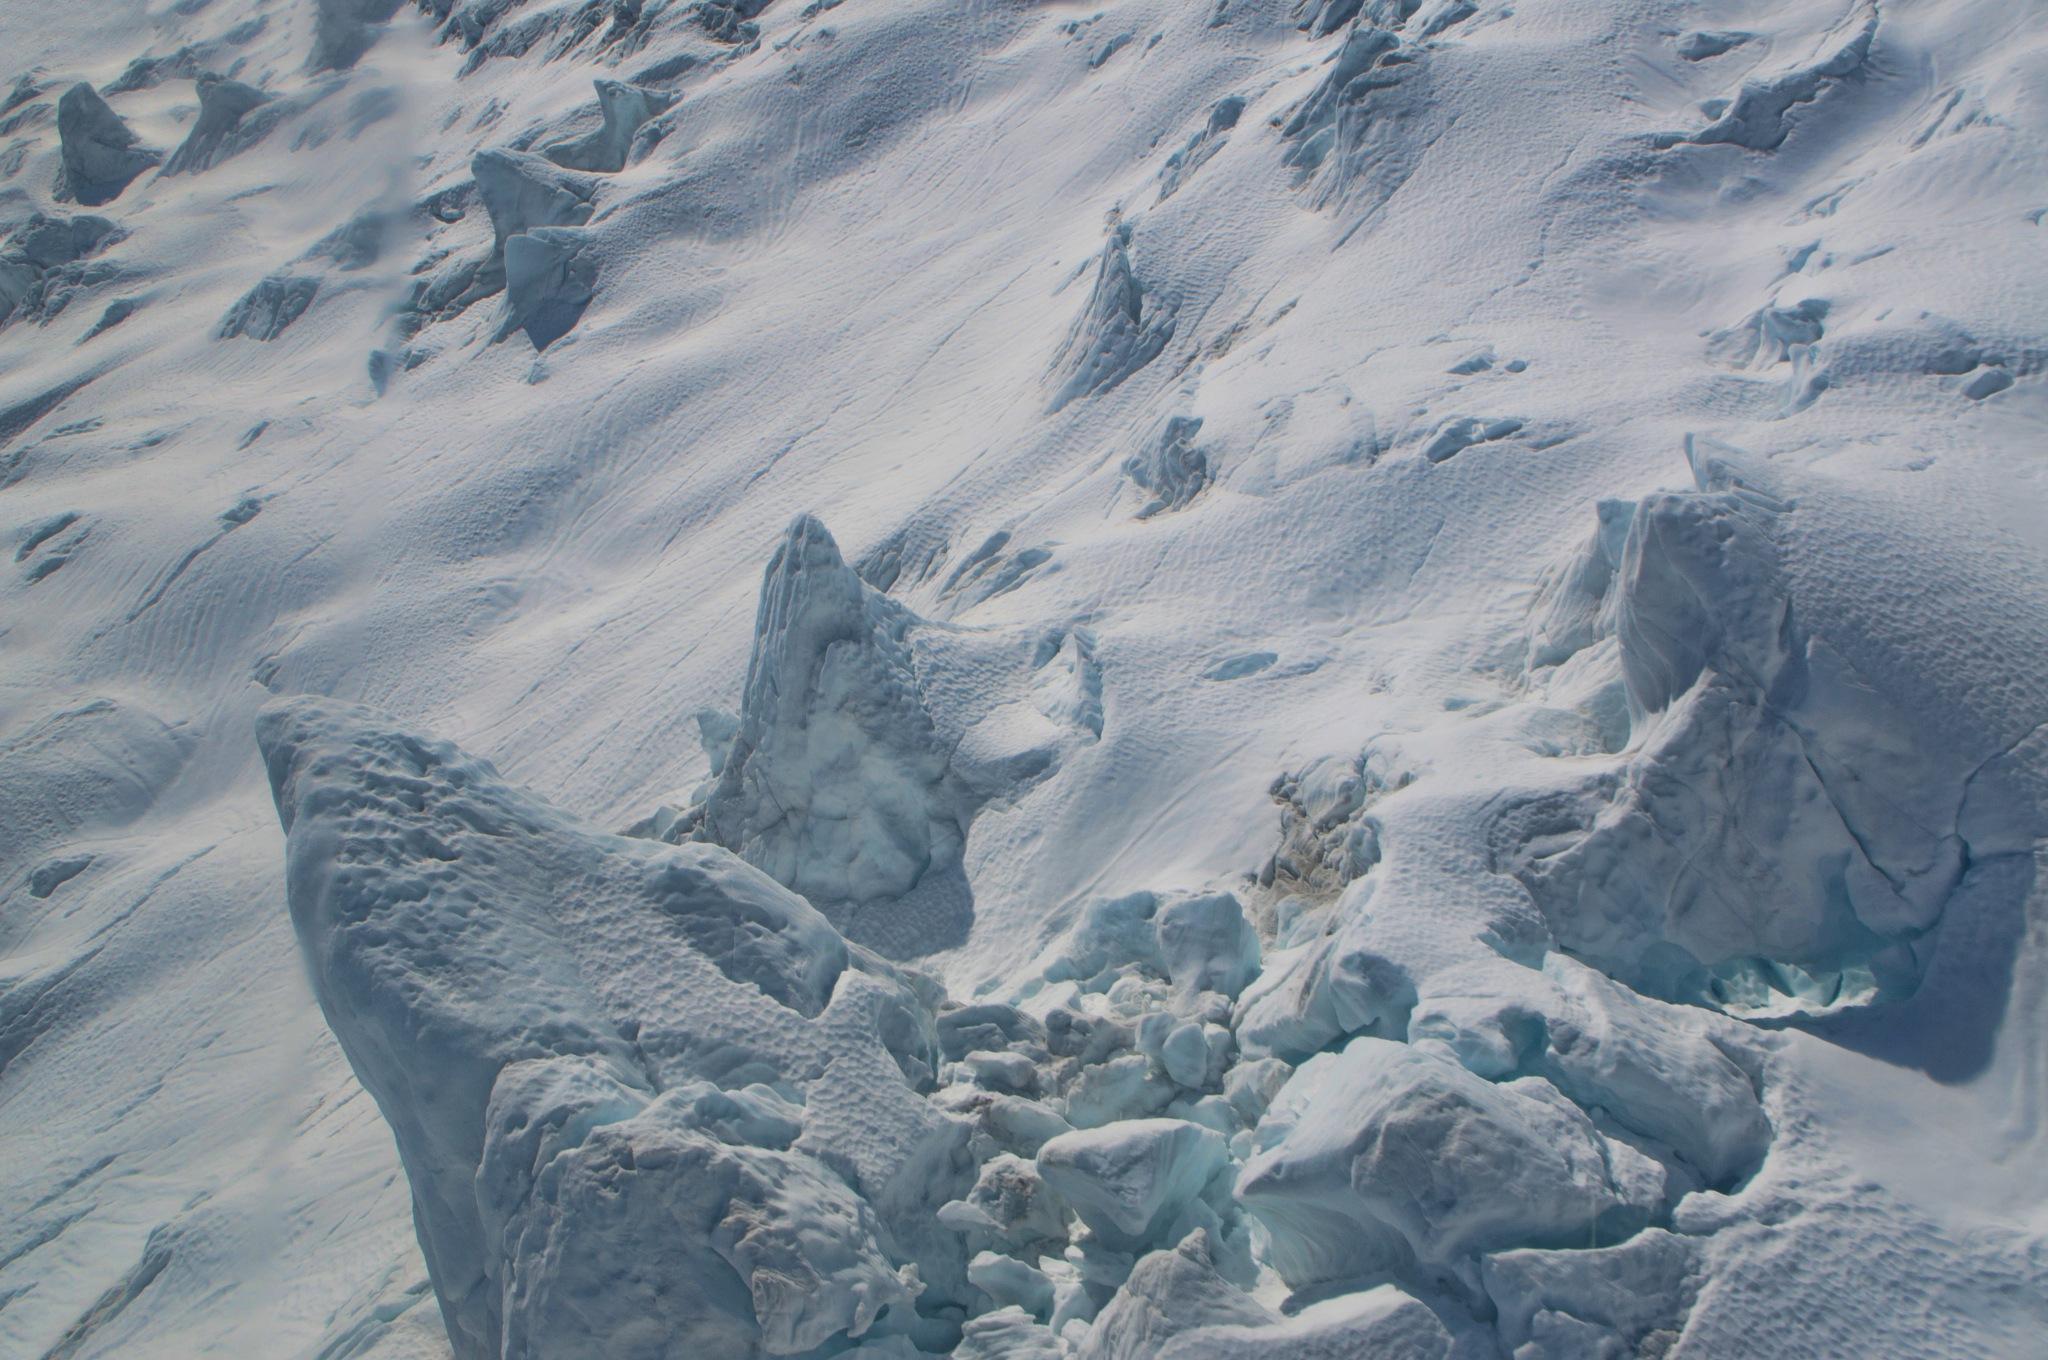 Scenic Heli-Hike Franz Josef Glacier Helicopter Ride by Derek Clarke